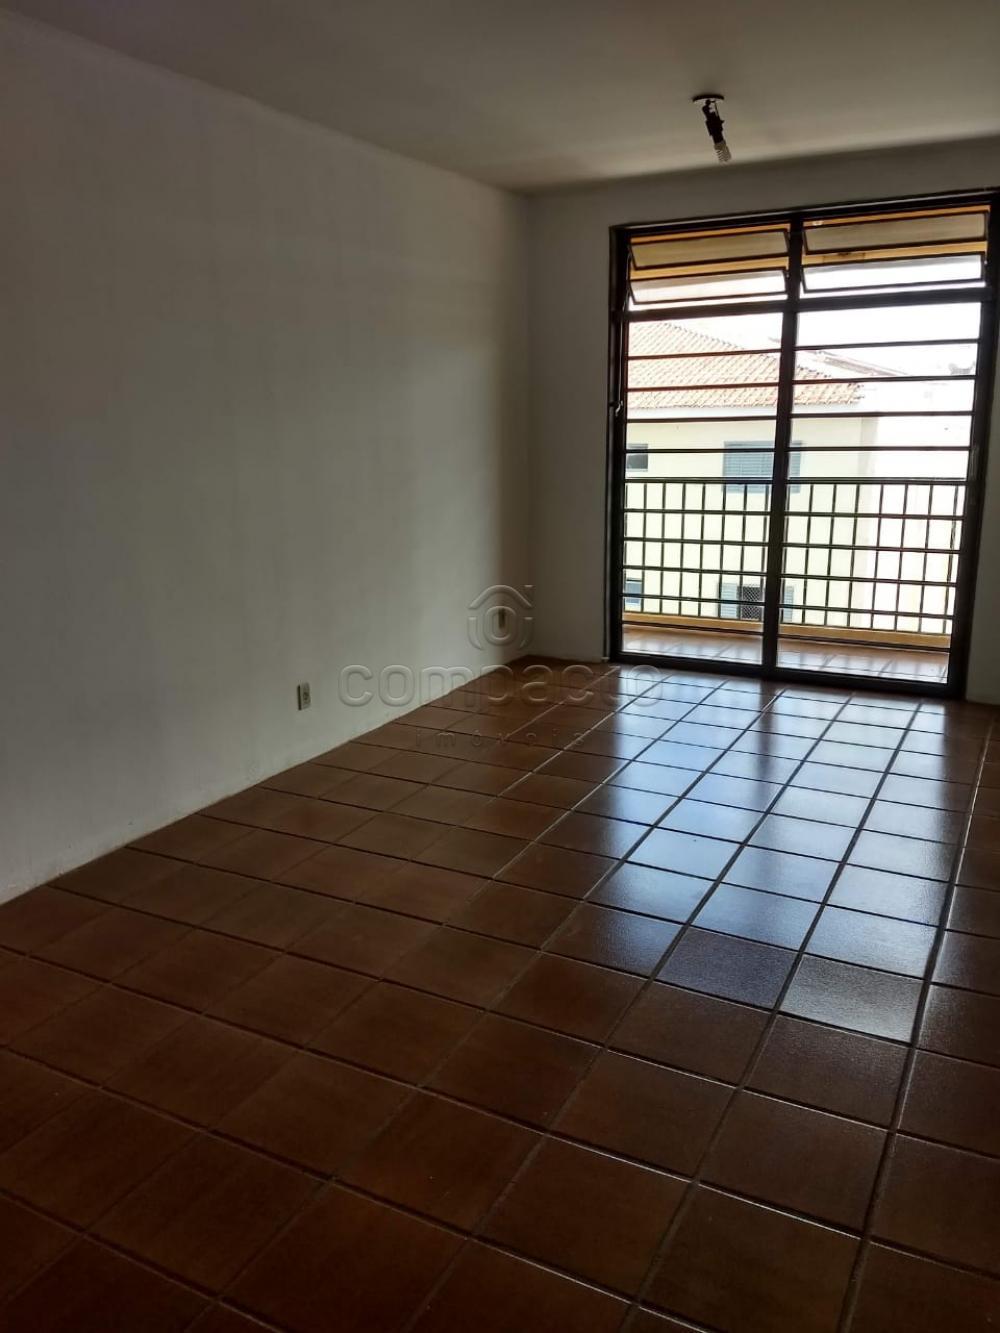 Alugar Apartamento / Duplex em São José do Rio Preto apenas R$ 1.350,00 - Foto 1